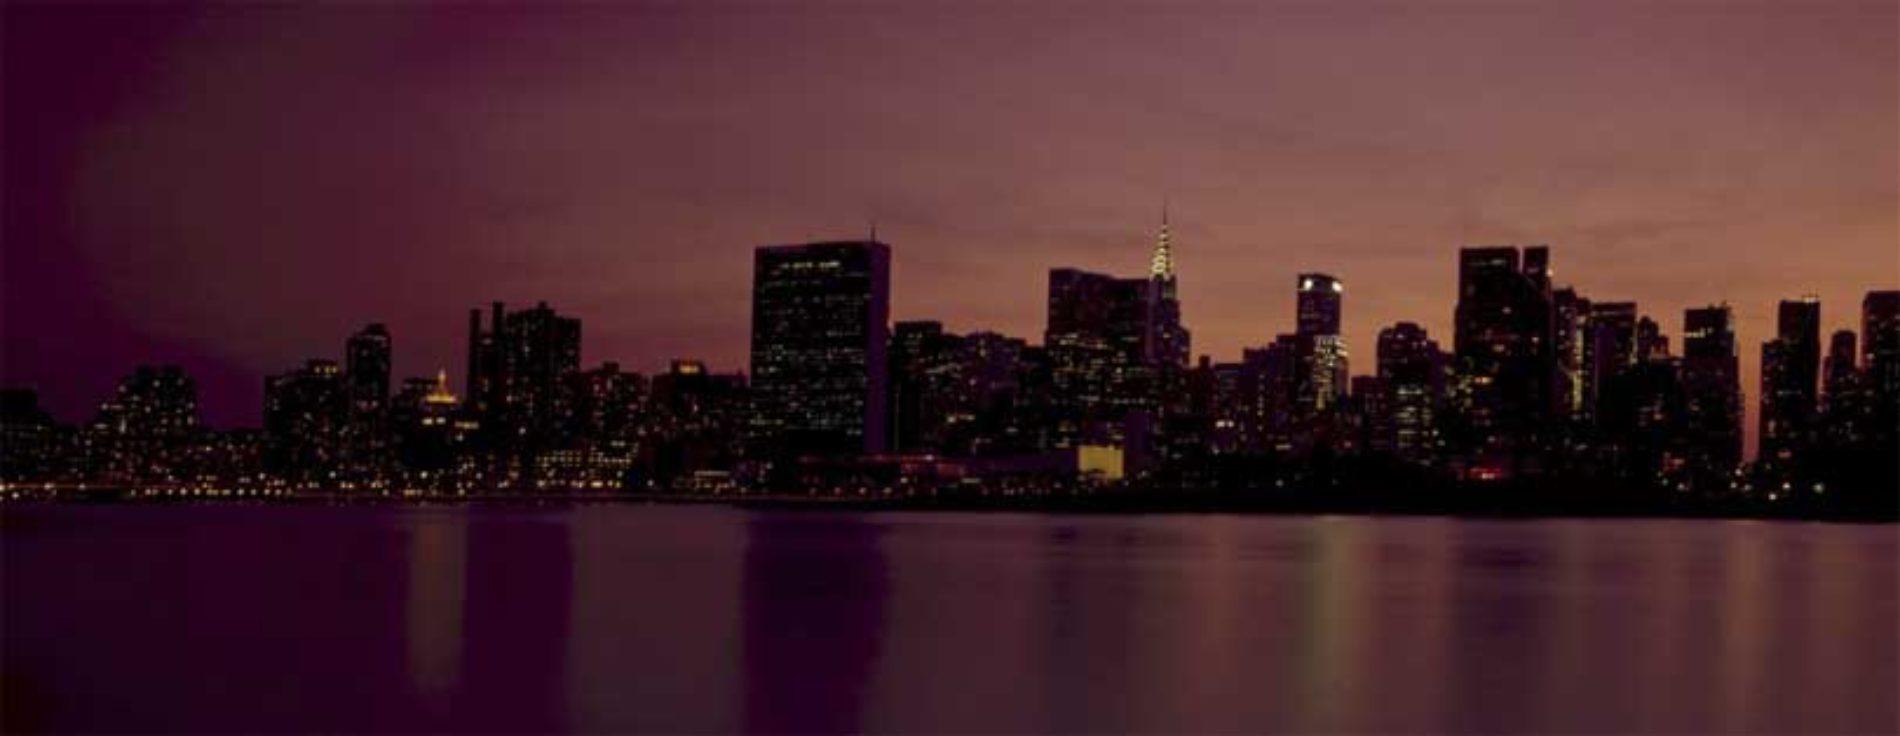 Spesielle ting å gjøre i New York